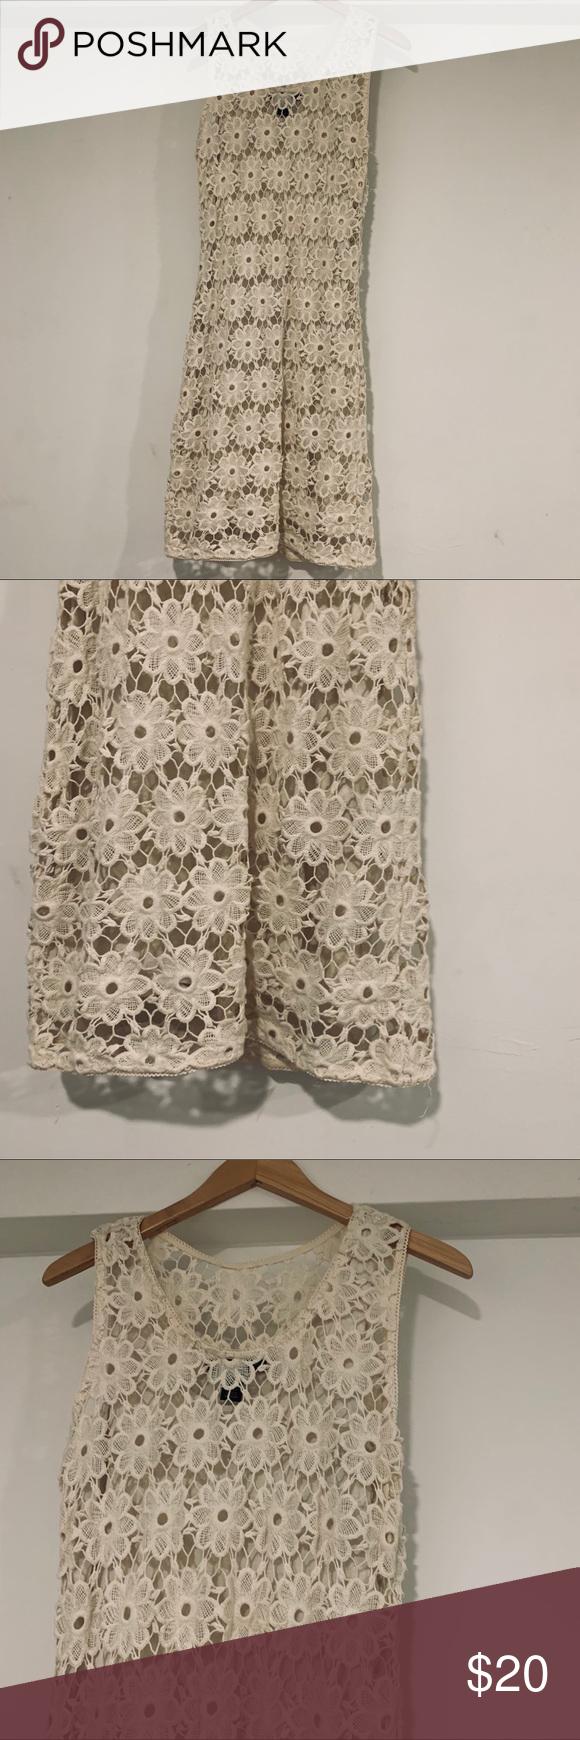 INC petite floral off white dress INC petite off white dress size D1 INC International Concepts Dresses